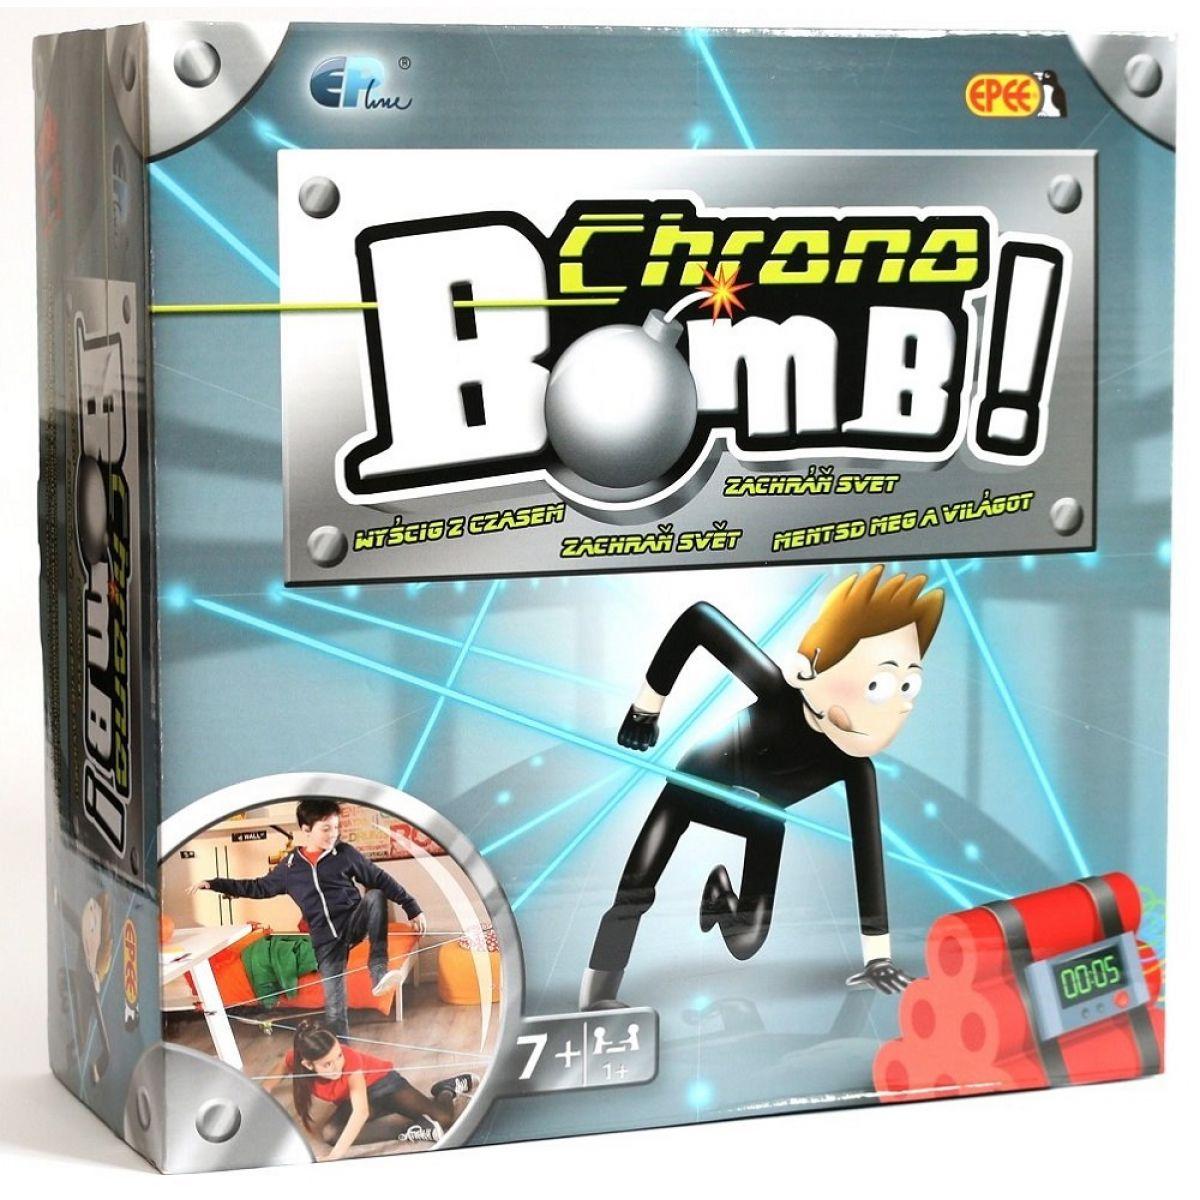 EP Line Chrono Bomb